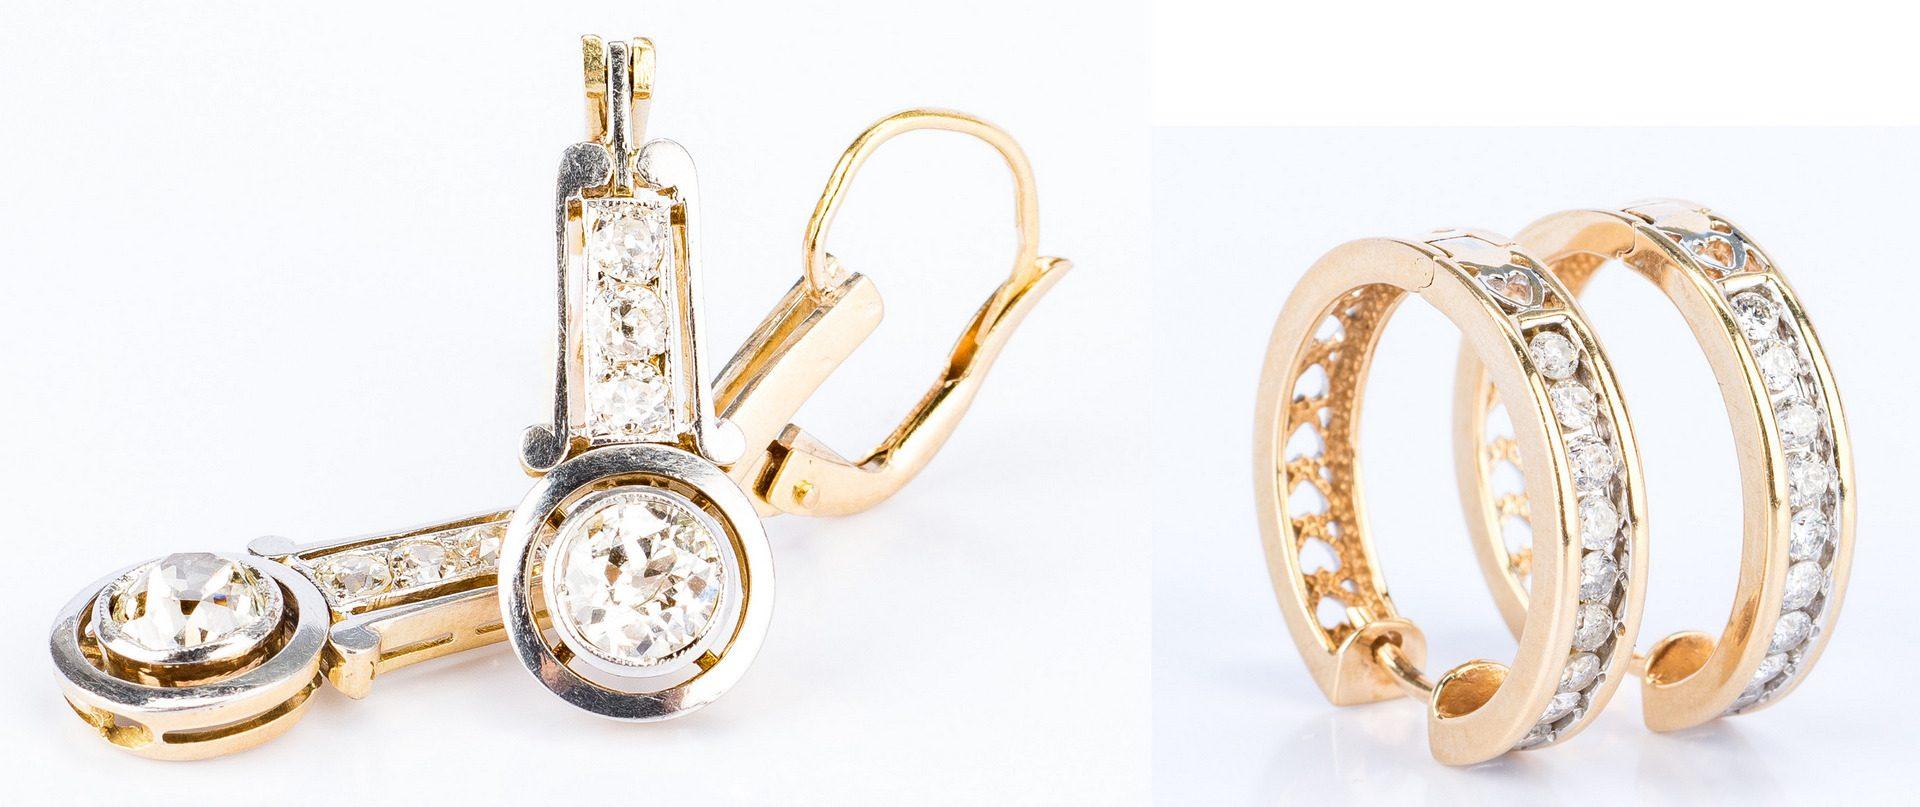 Lot 24: 2 Pair 14K Diamond Earrings for Pierced Ears